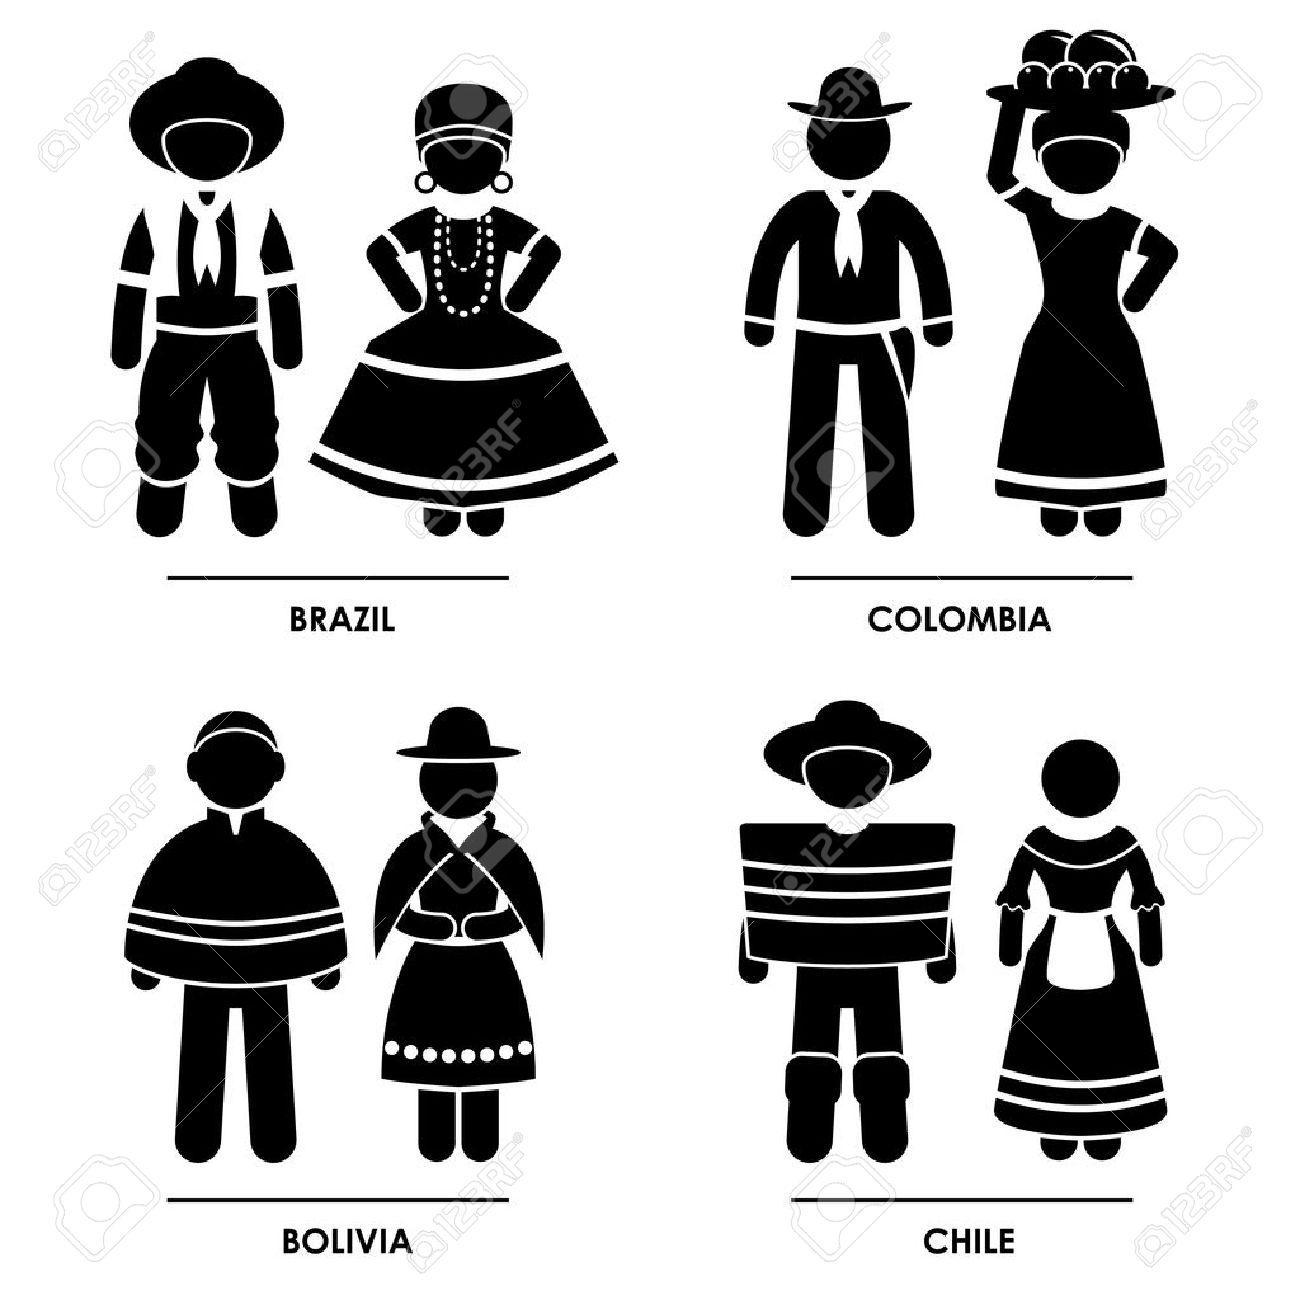 南アメリカ , ブラジル コロンビア ボリビア チリ男女性人民族の伝統的な衣装のドレス服アイコン シンボル記号ピクトグラム